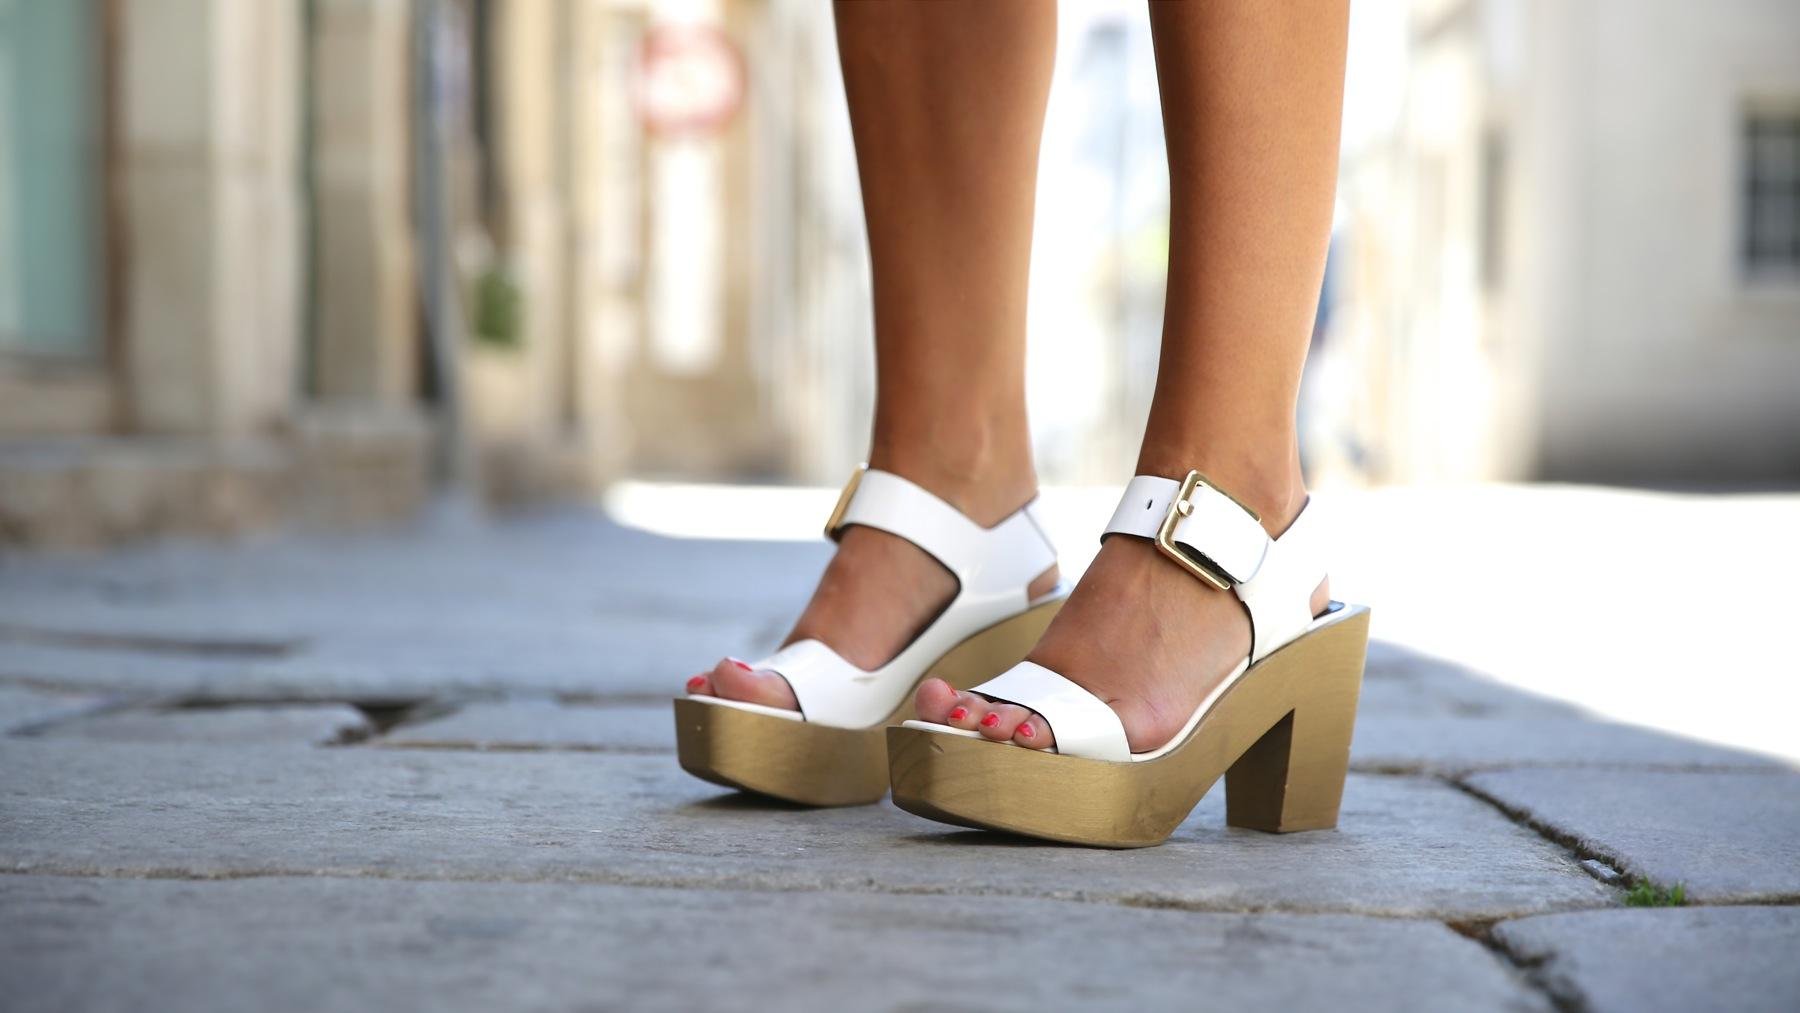 trendy_taste-look-outfit-street_style-ootd-blog-blogger-fashion_spain-moda_españa-kimono-white_sandals-sandalias_altas_plataformas-guess-denim_white_shorts-shorts_vaqueros_blancos-1